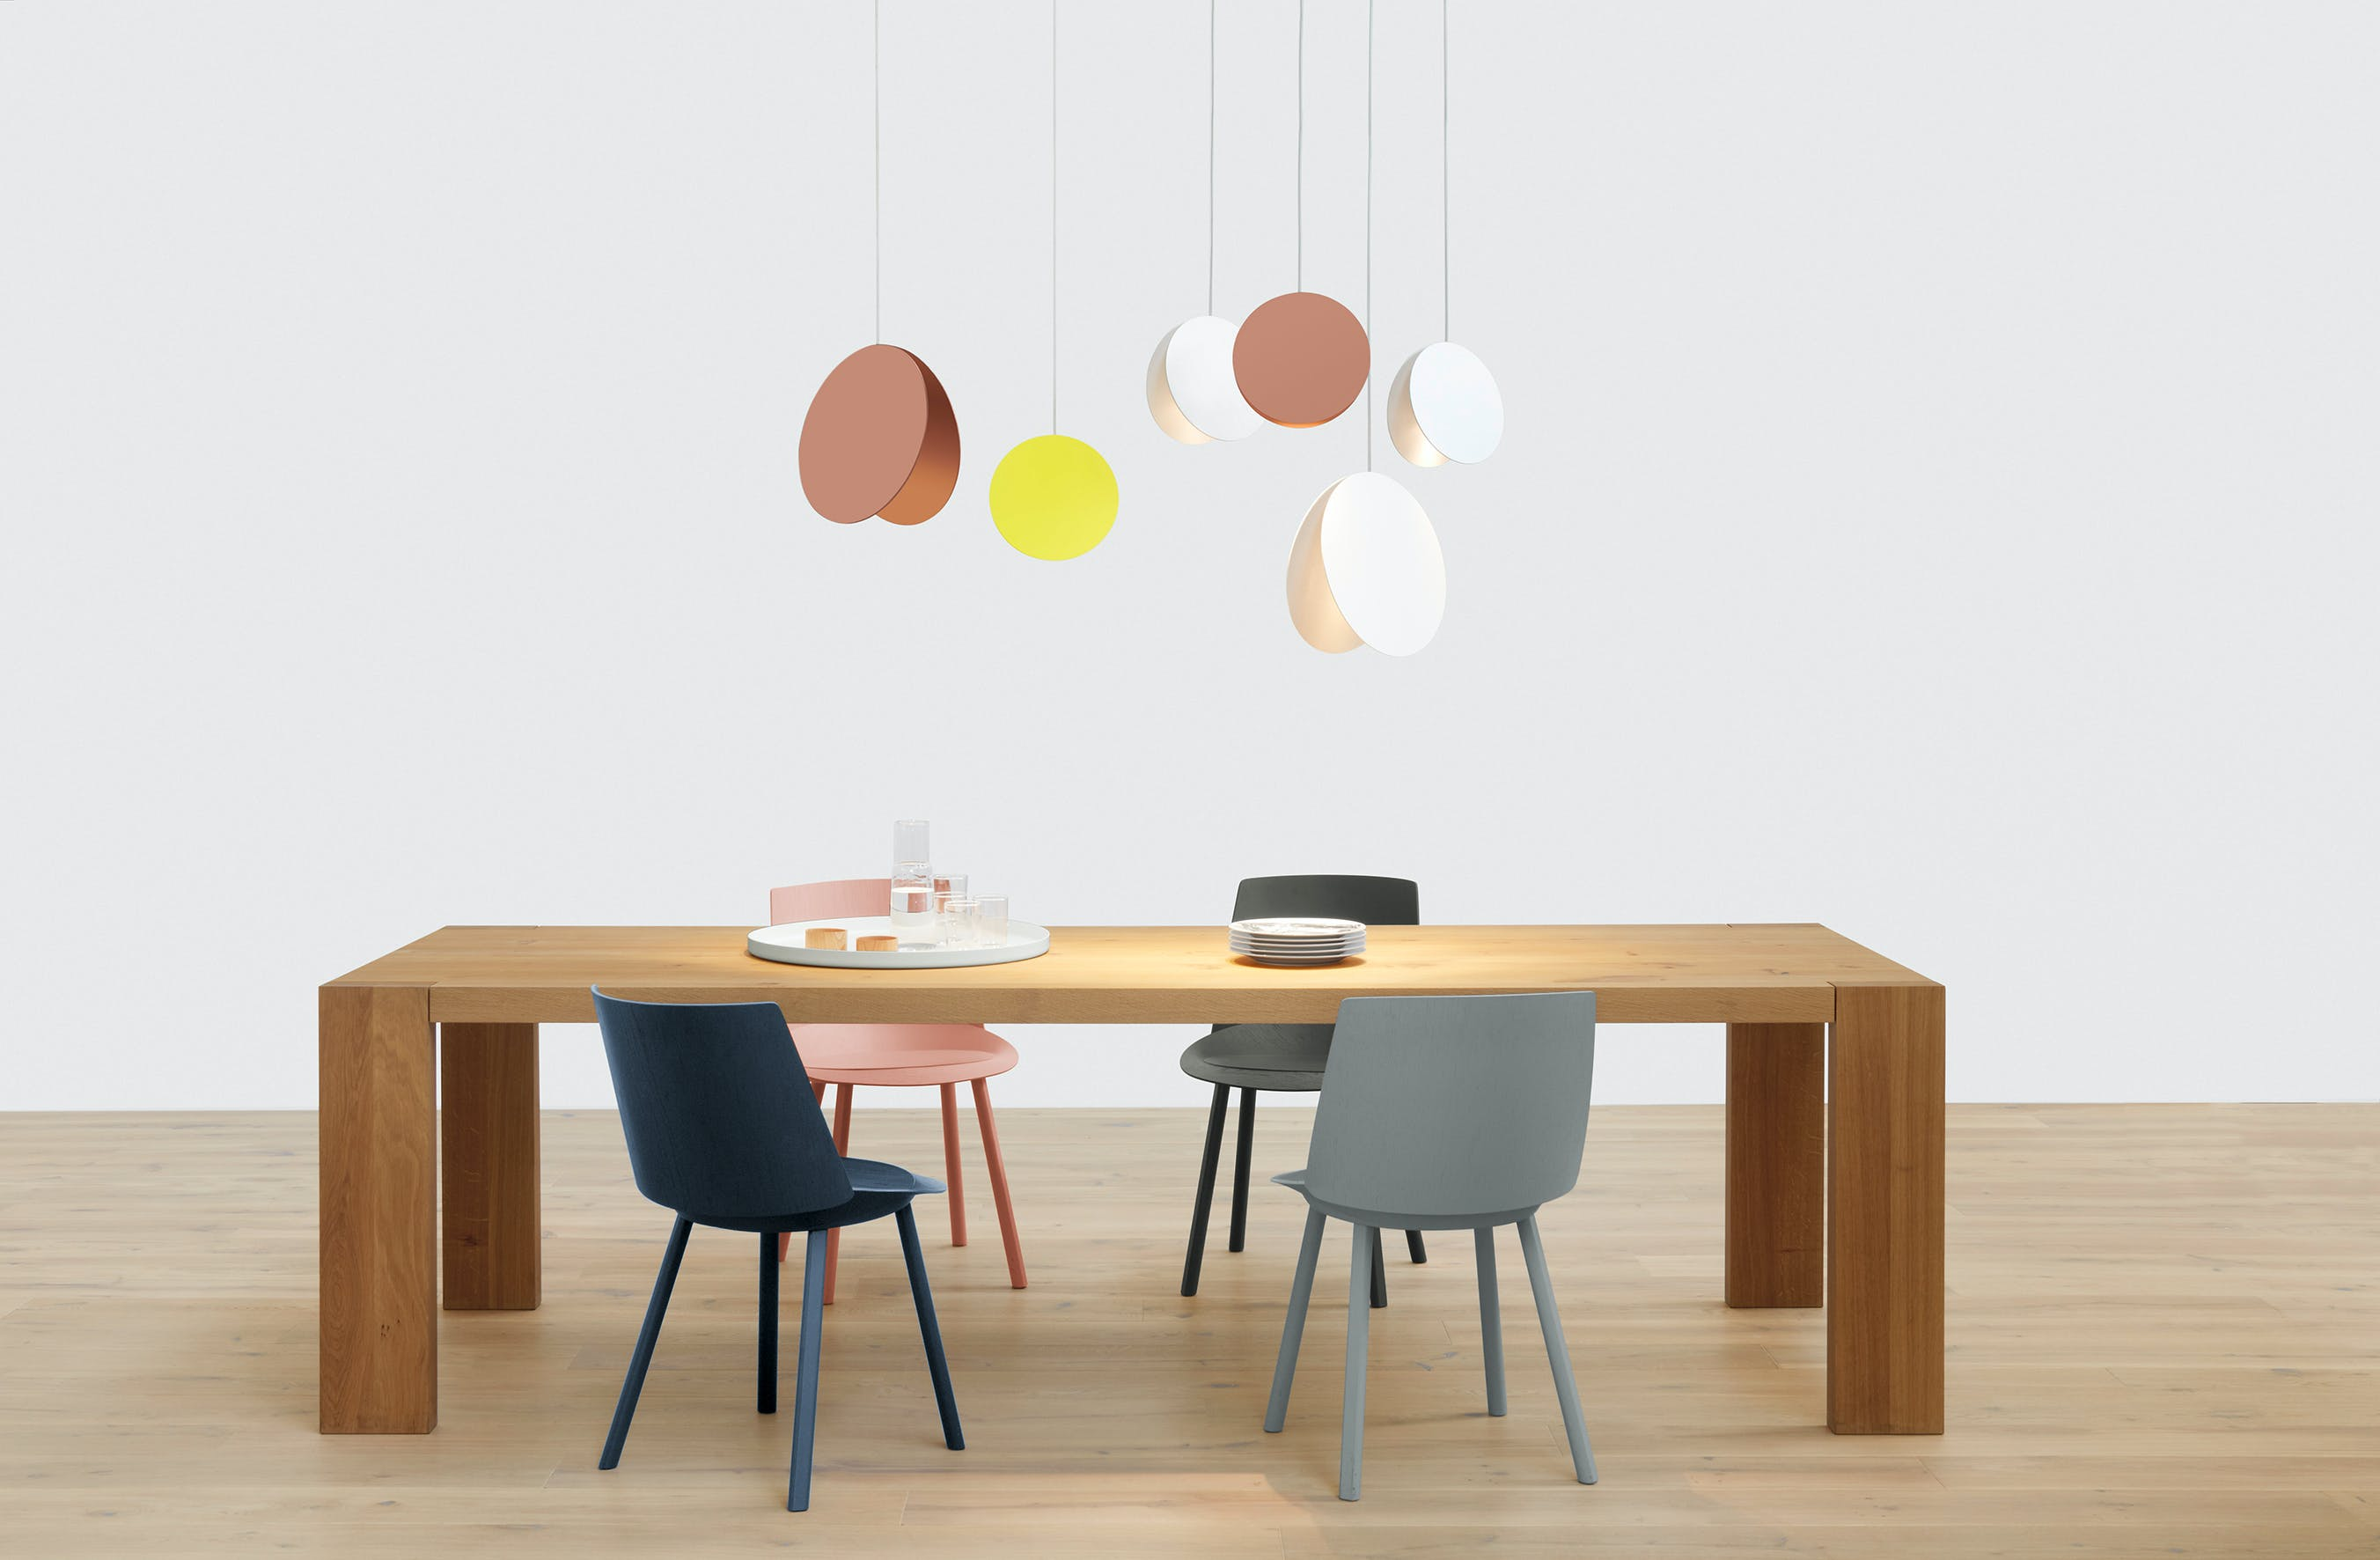 E15-furniture-london-table-pendant-light-haute-living